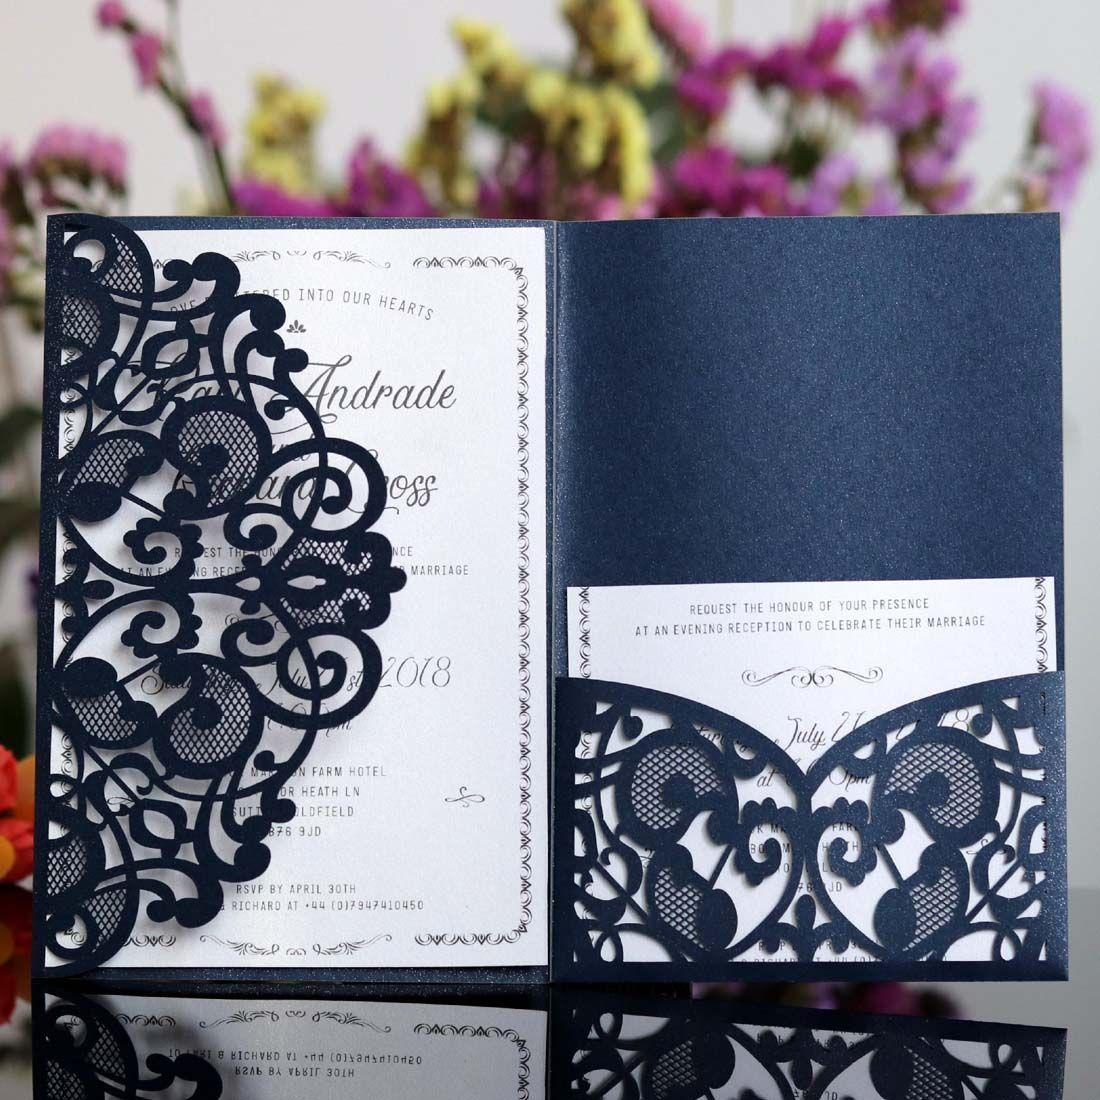 d0b6b7bd08203 Compre Laser Cut Invitaciones De Boda Blanco Azul Marino Diseño Elegante  Para Tarjetas De Invitación De Fiesta De Cumpleaños De Matrimonio Con  Tarjeta RSVP ...